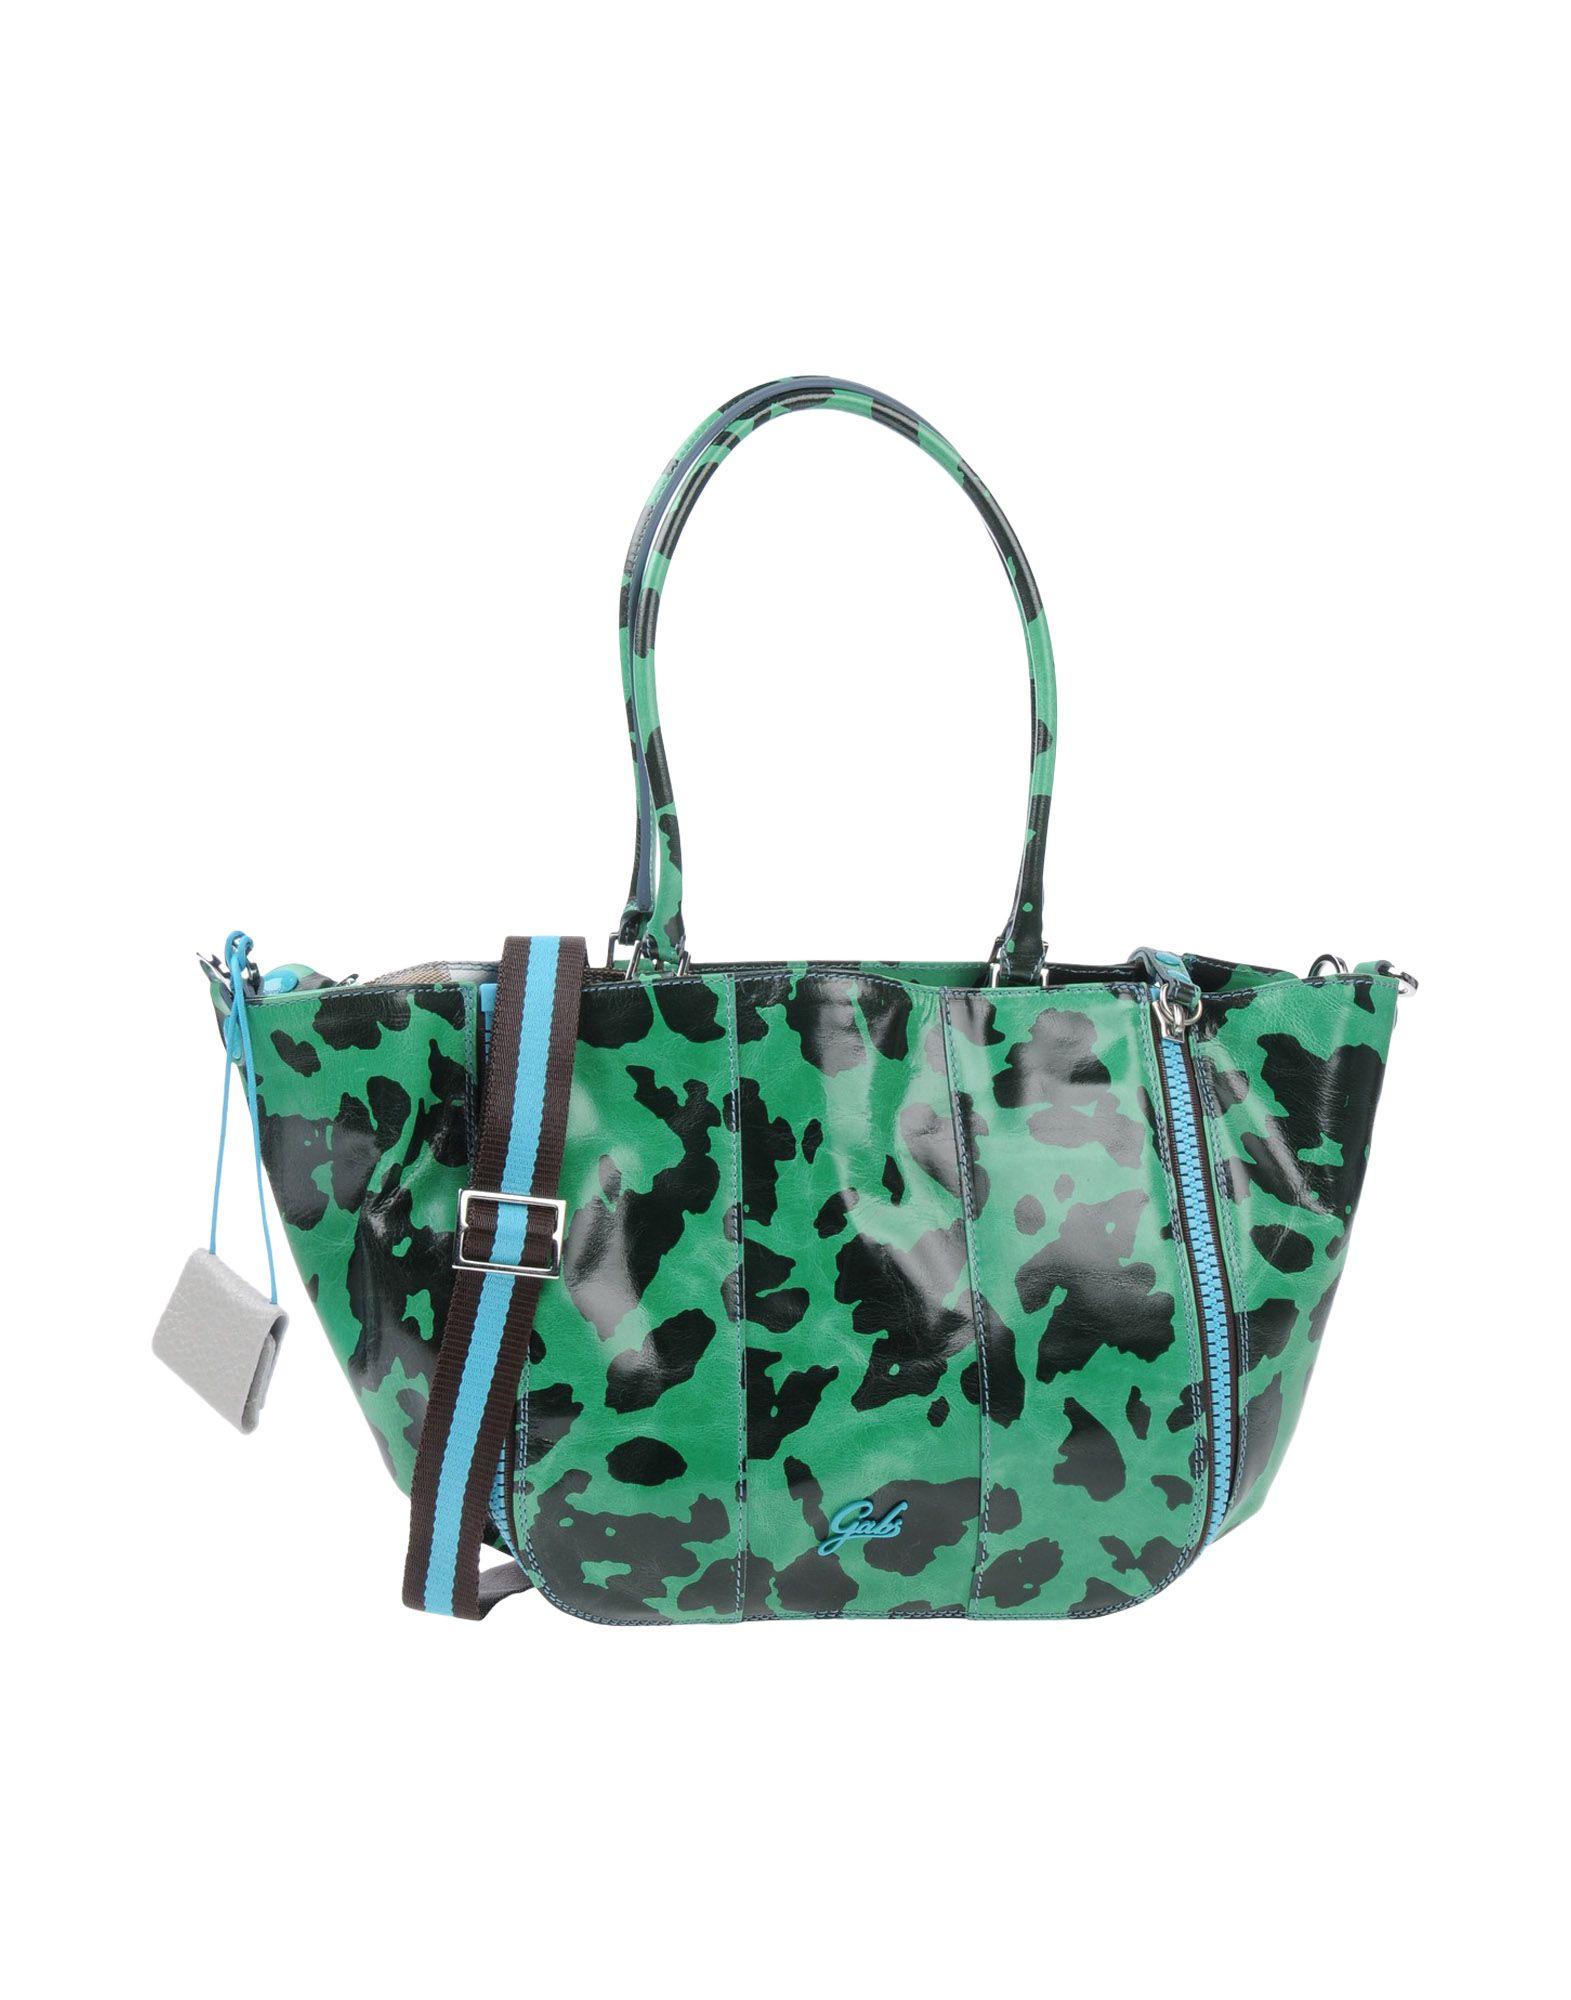 GABS Handbag in Green